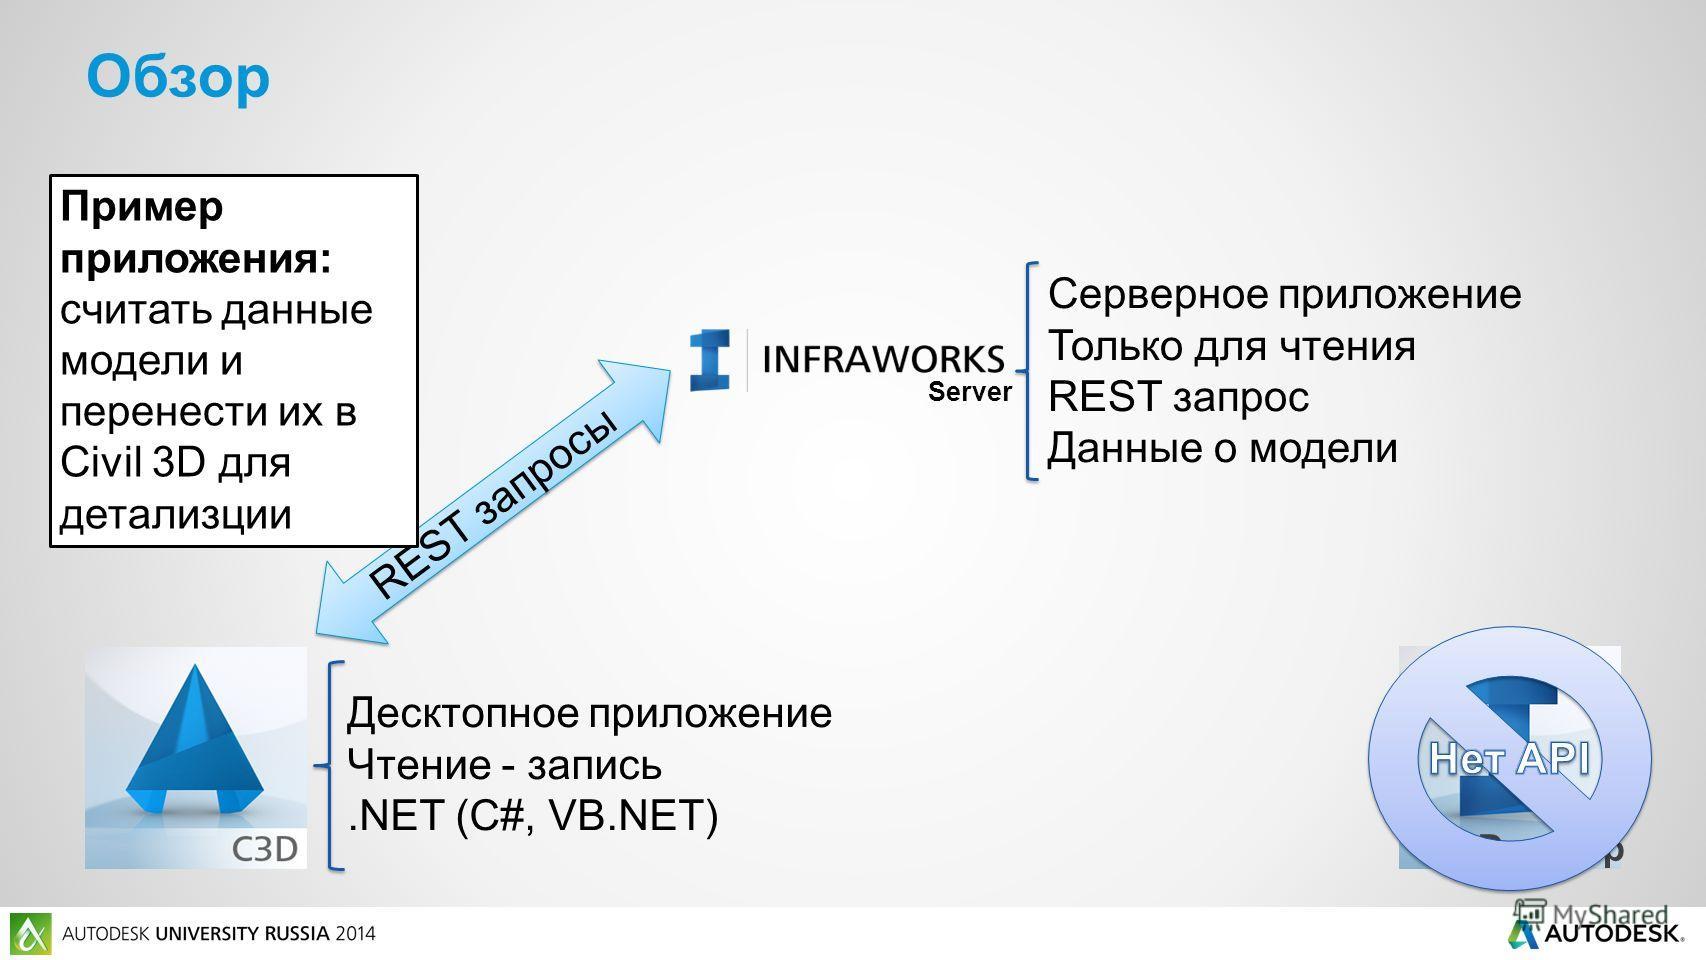 Обзор Server Desktop REST запросы Десктопное приложение Чтение - запись.NET (C#, VB.NET) Серверное приложение Только для чтения REST запрос Данные о модели Пример приложения: считать данные модели и перенести их в Civil 3D для детализации